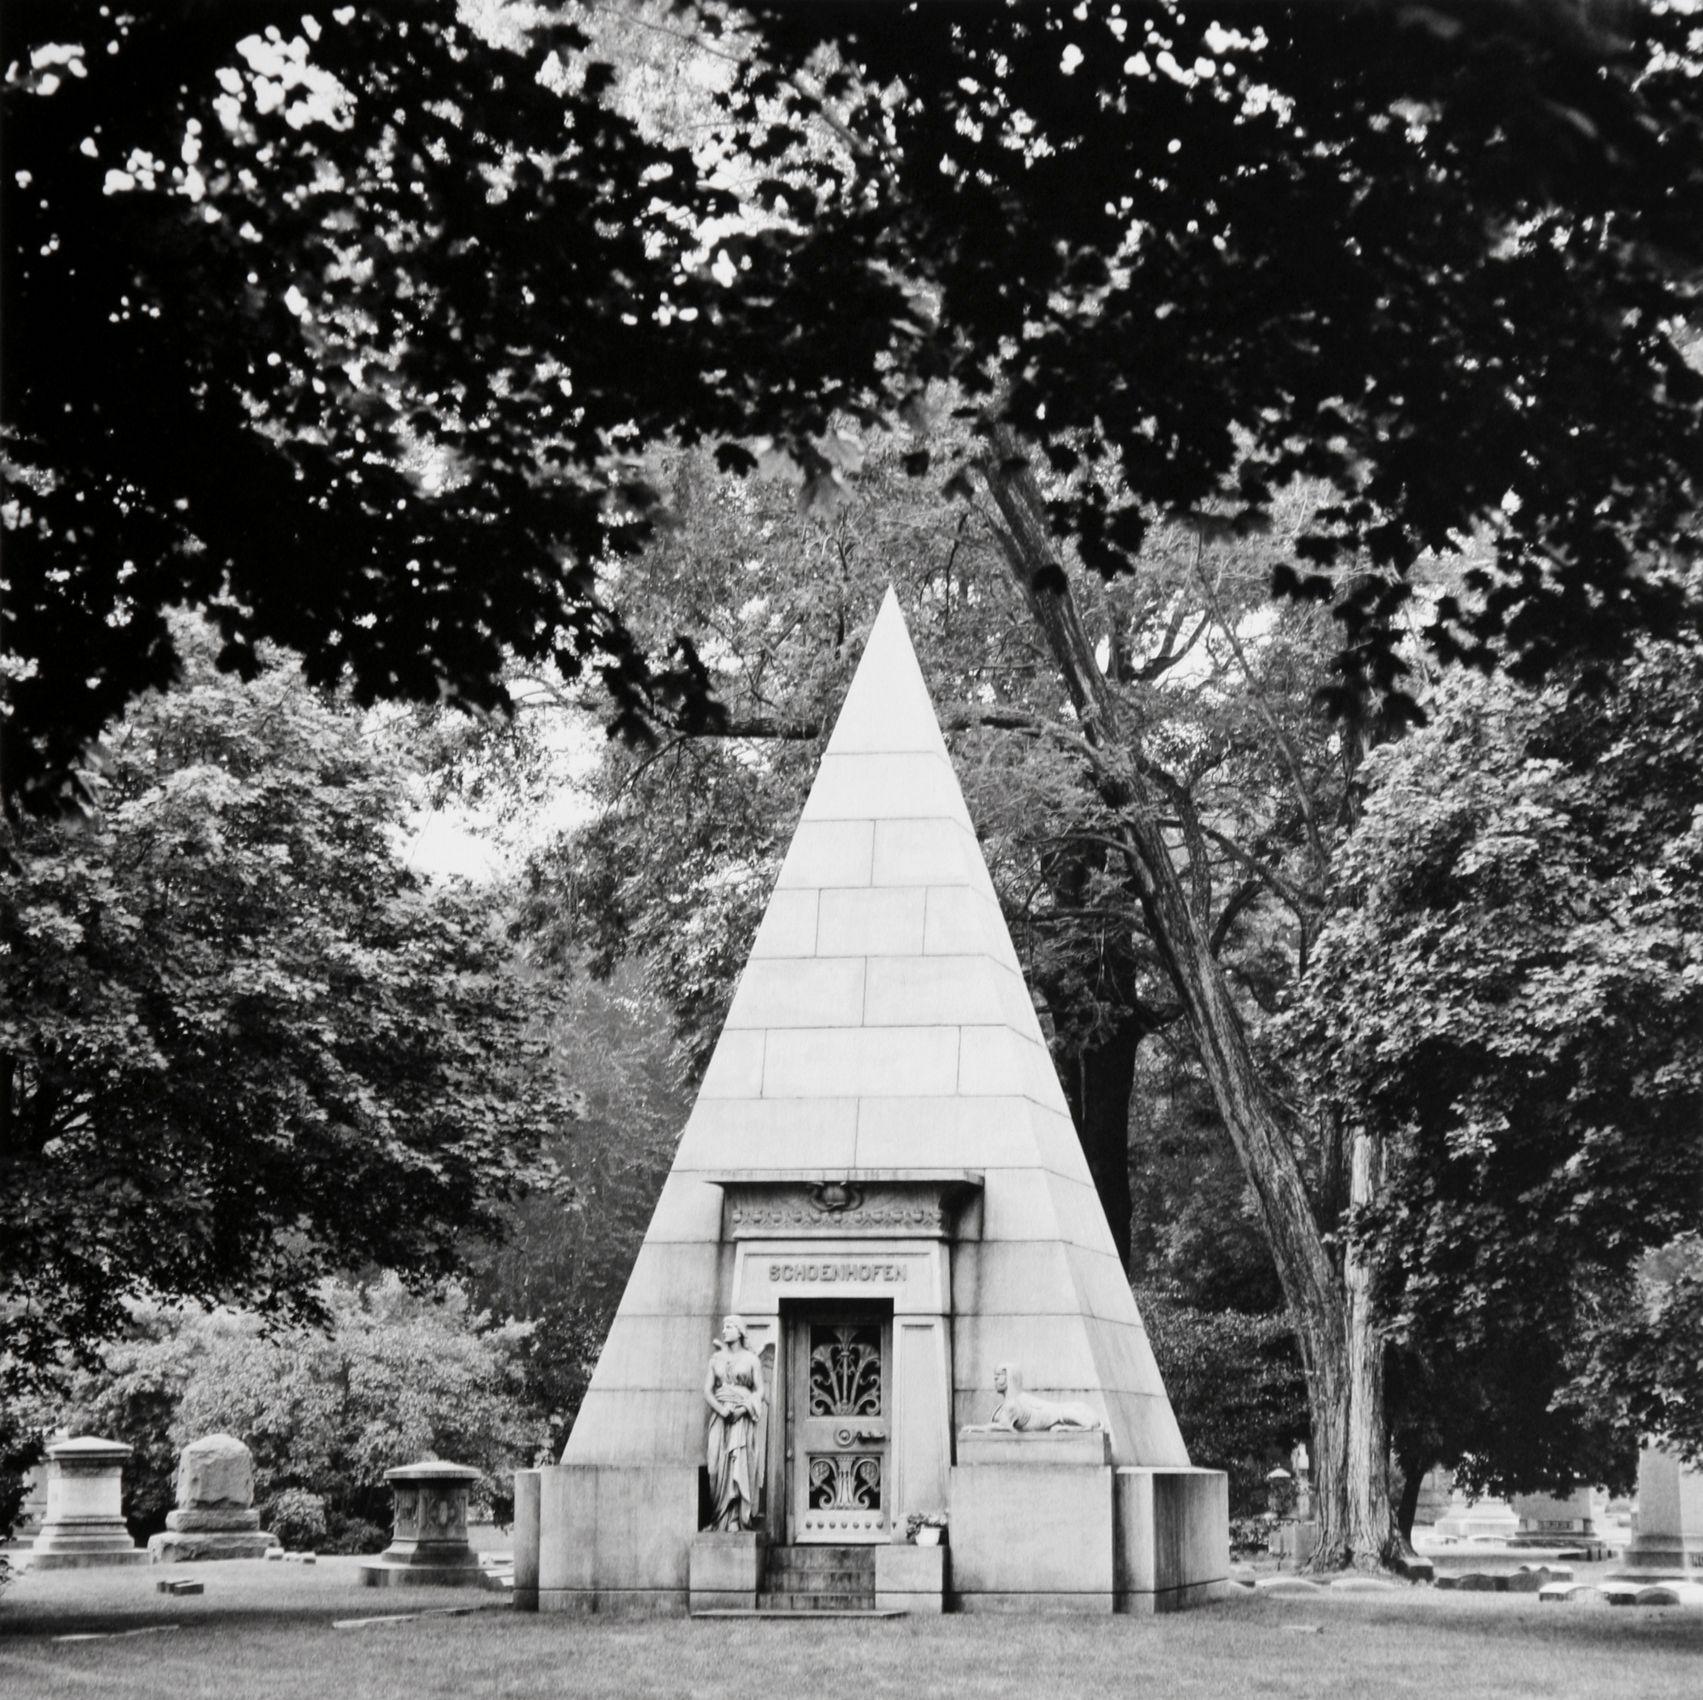 """"""" Schoenhafen Mauseleum"""", Graceland Cemetery, Chicago,  2006"""